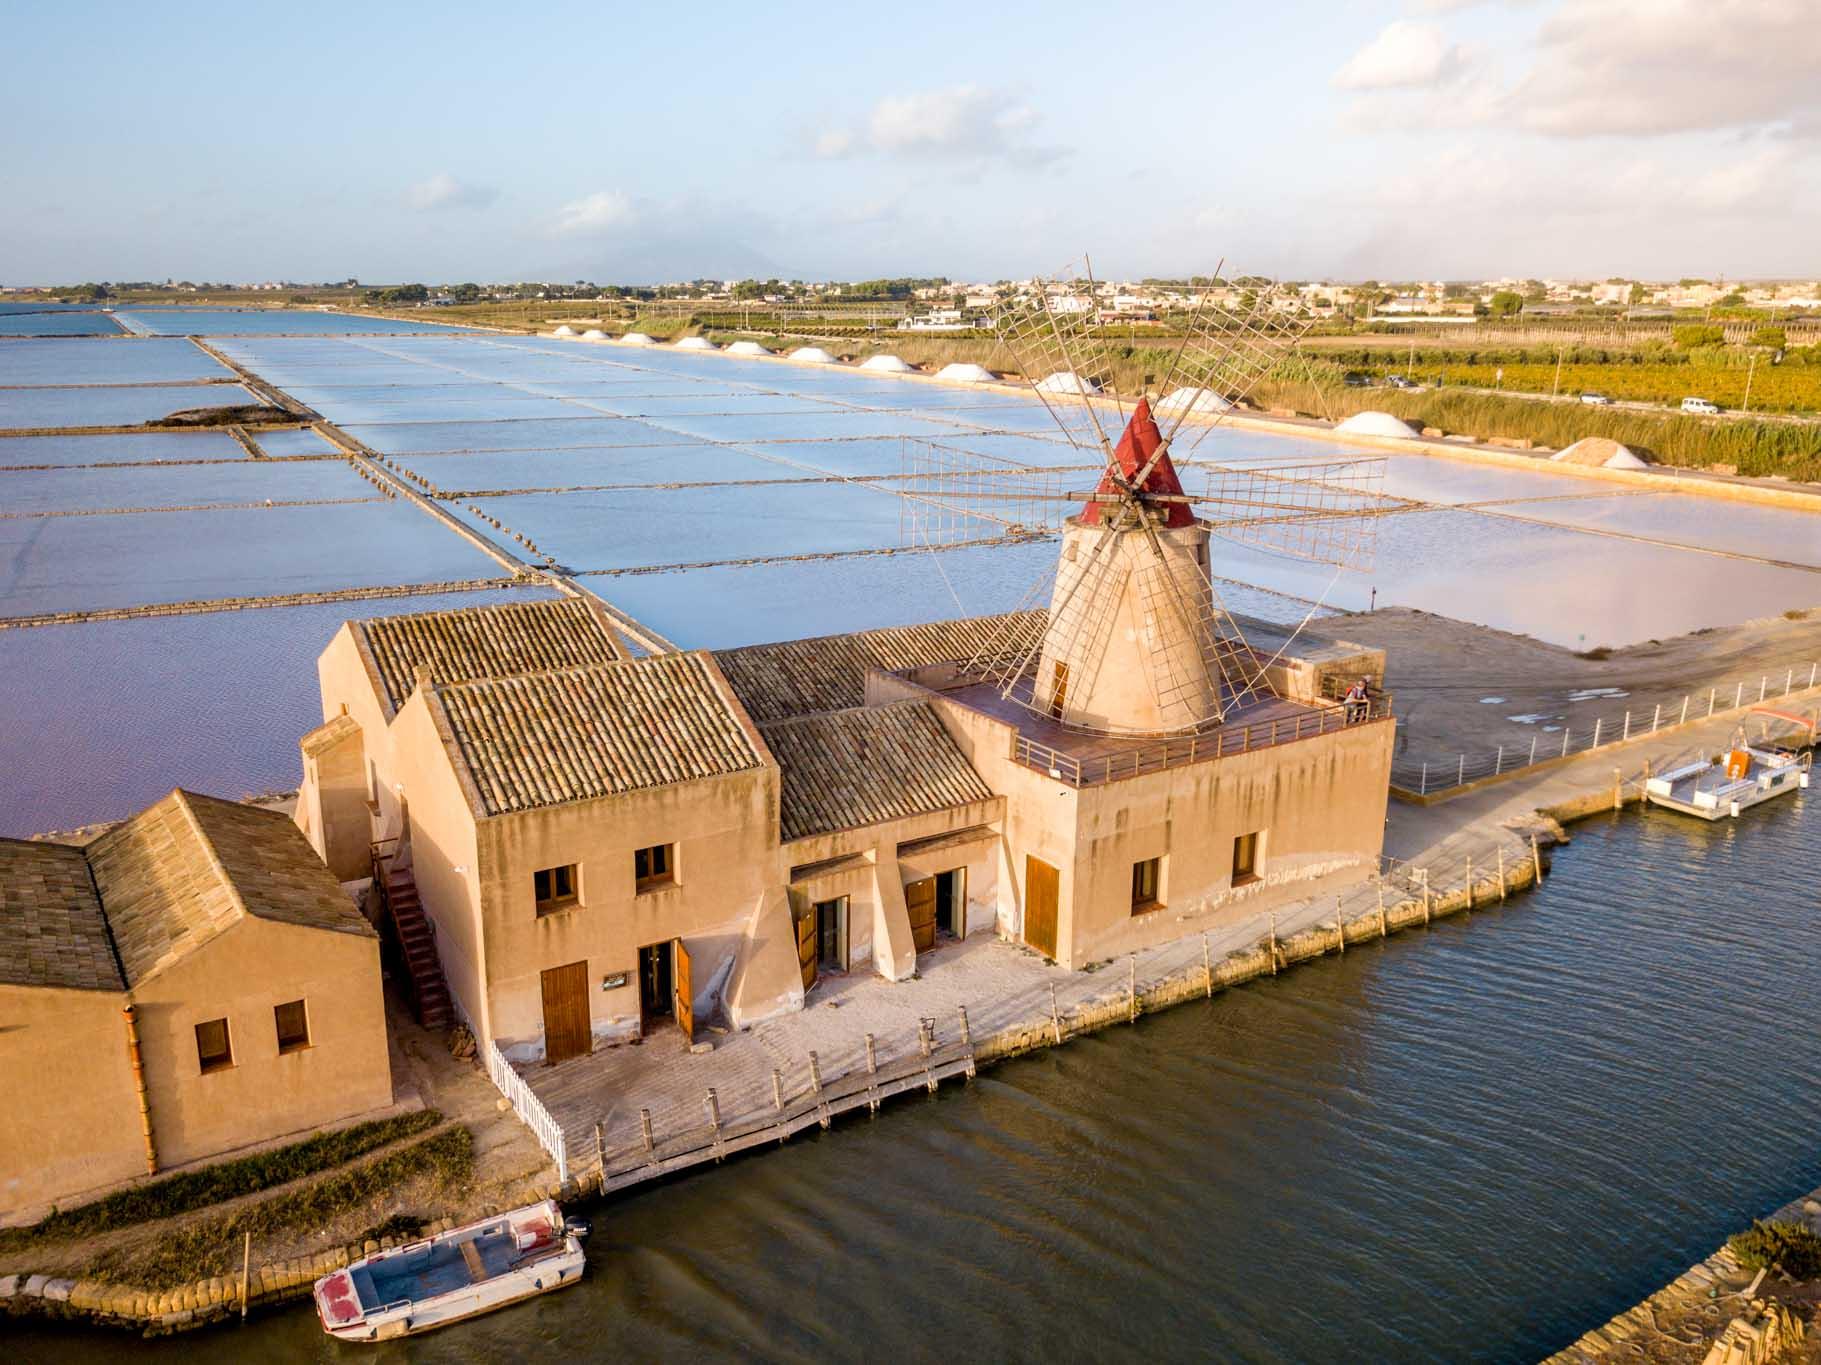 Overhead view of salt flats and a salt mill